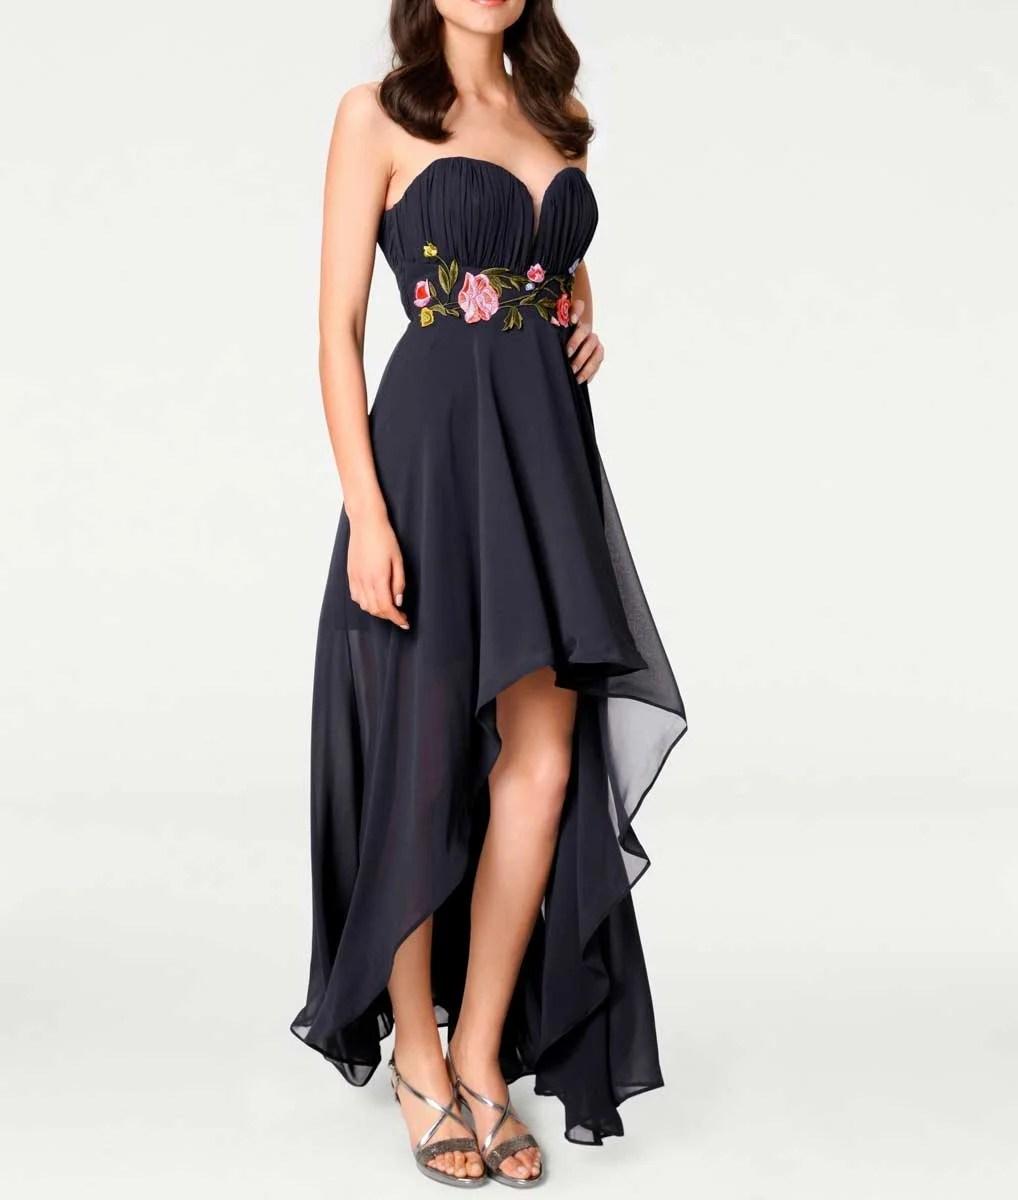 080.597 ASHLEY BROOKE Damen Designer-Abendkleid m. Stickerei Marine